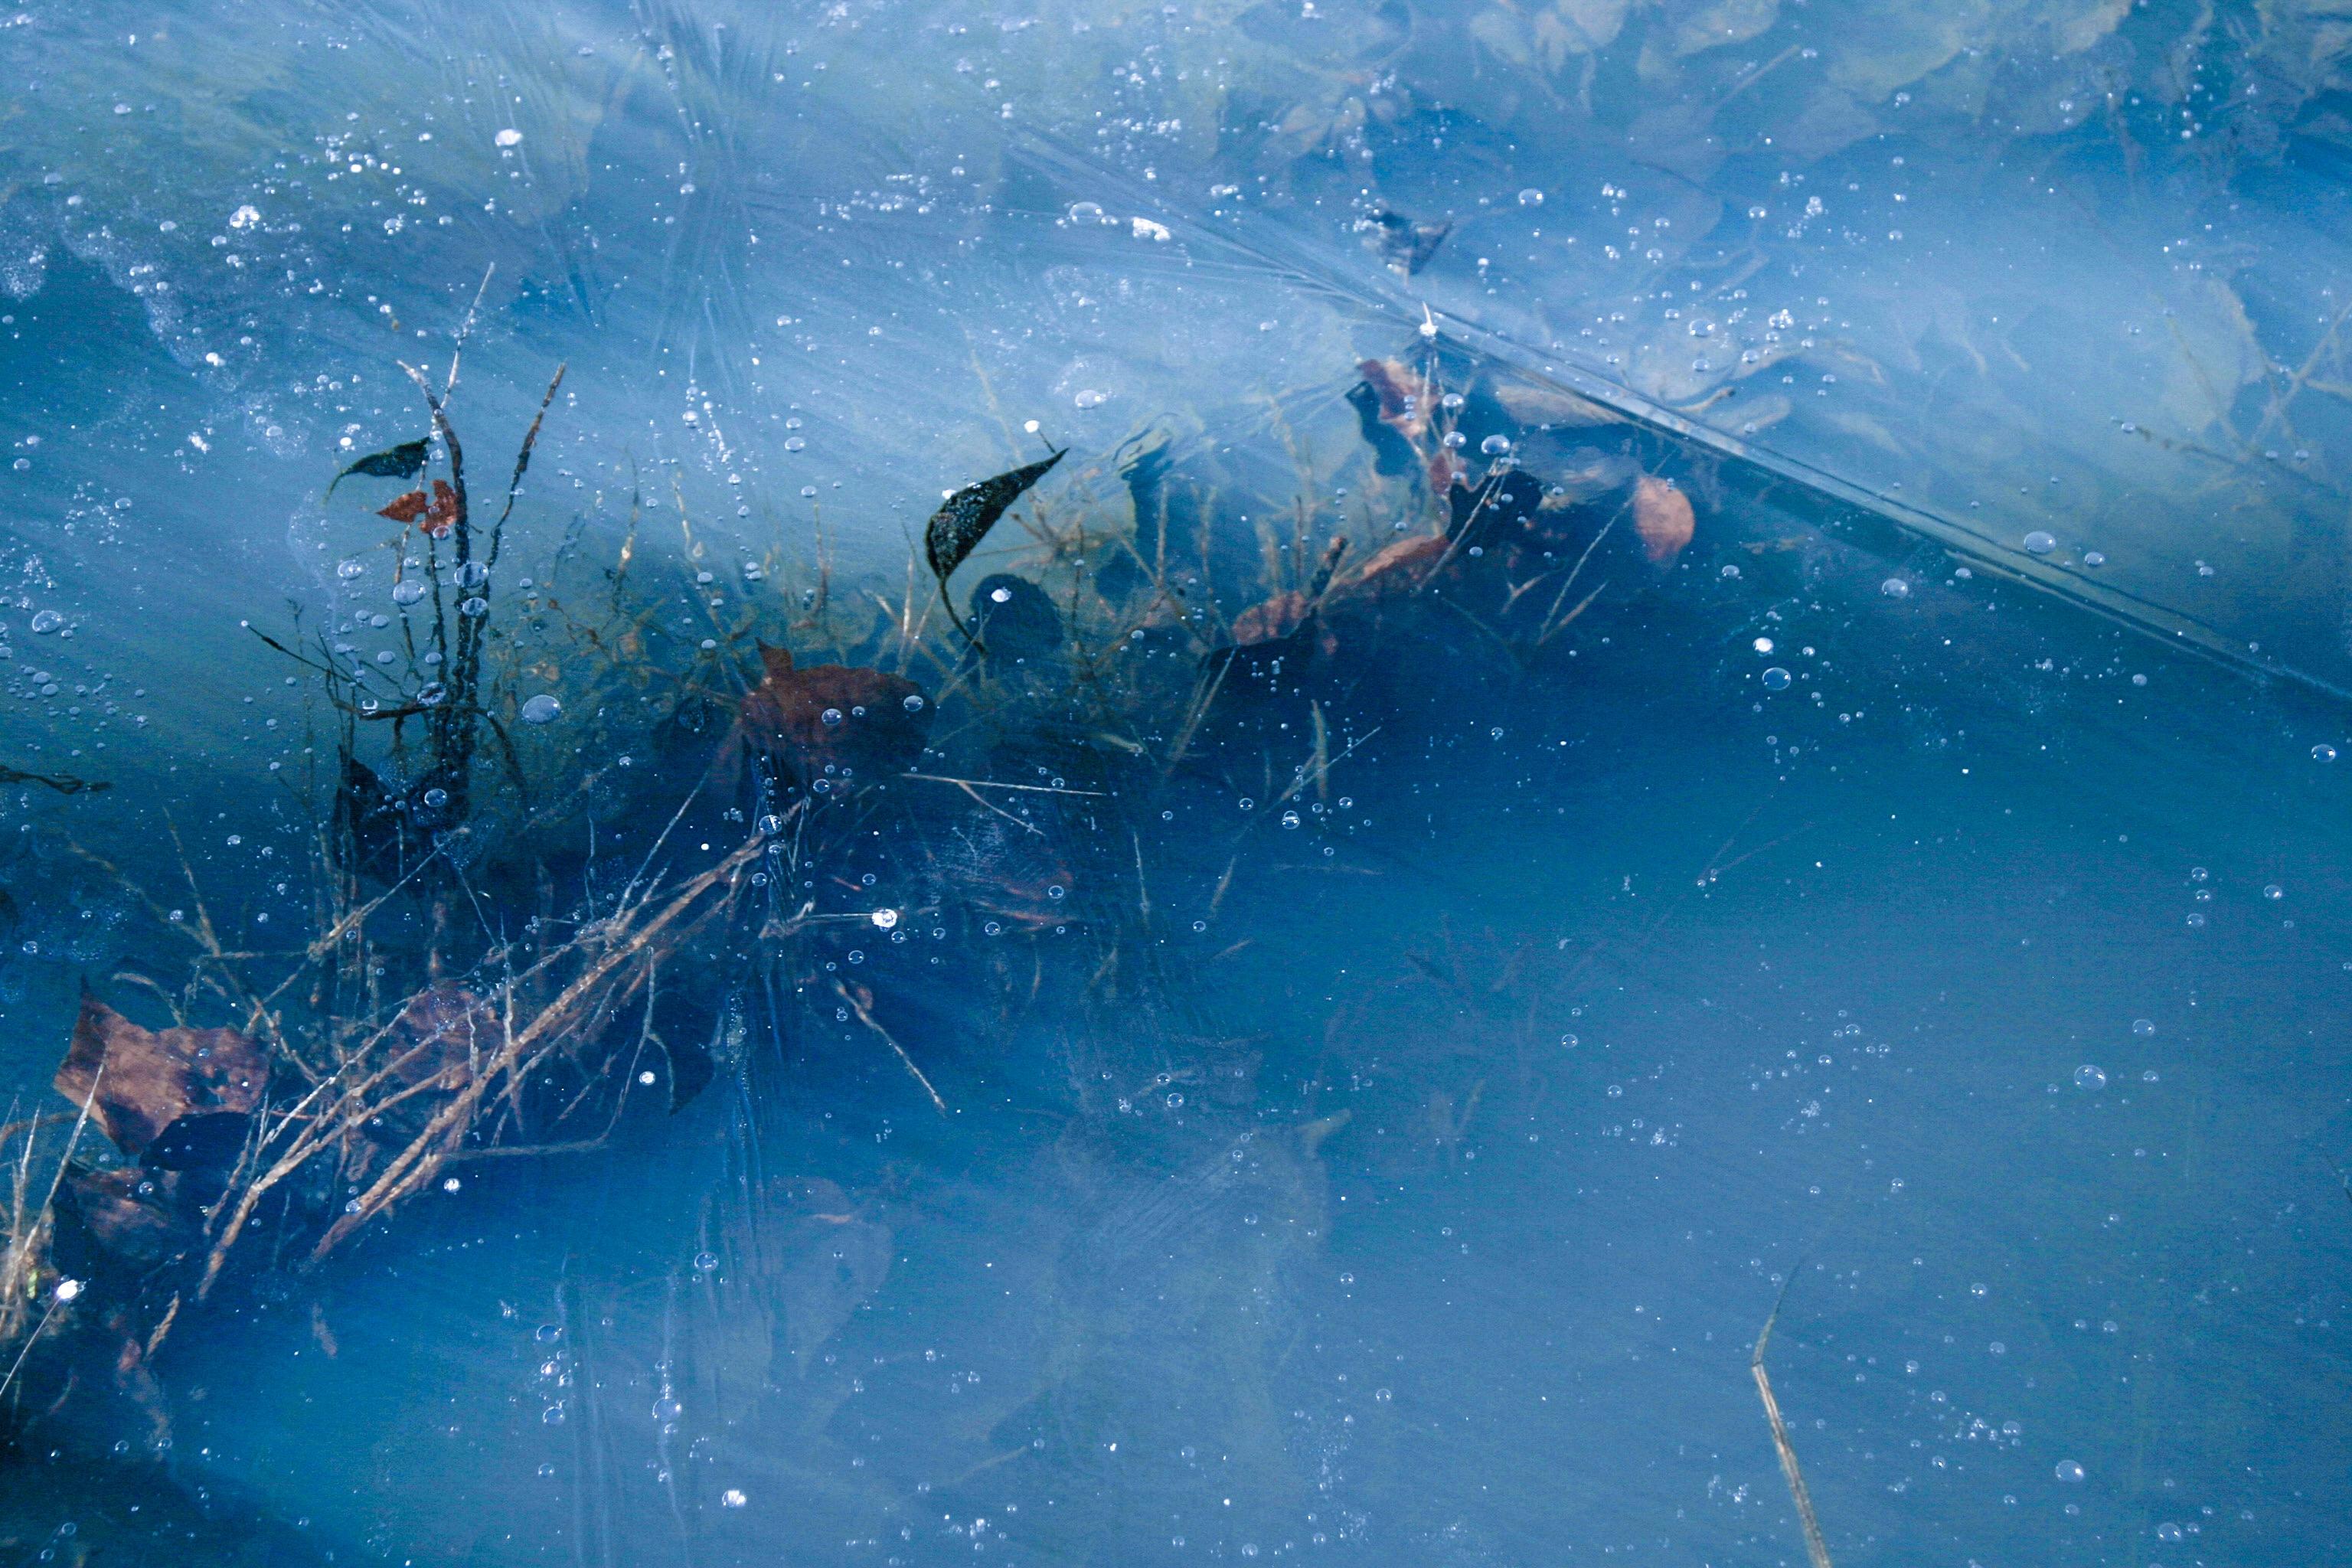 图片素材 波 水下 蓝色 屏幕截图 电脑壁纸 海洋生物学 深海鱼